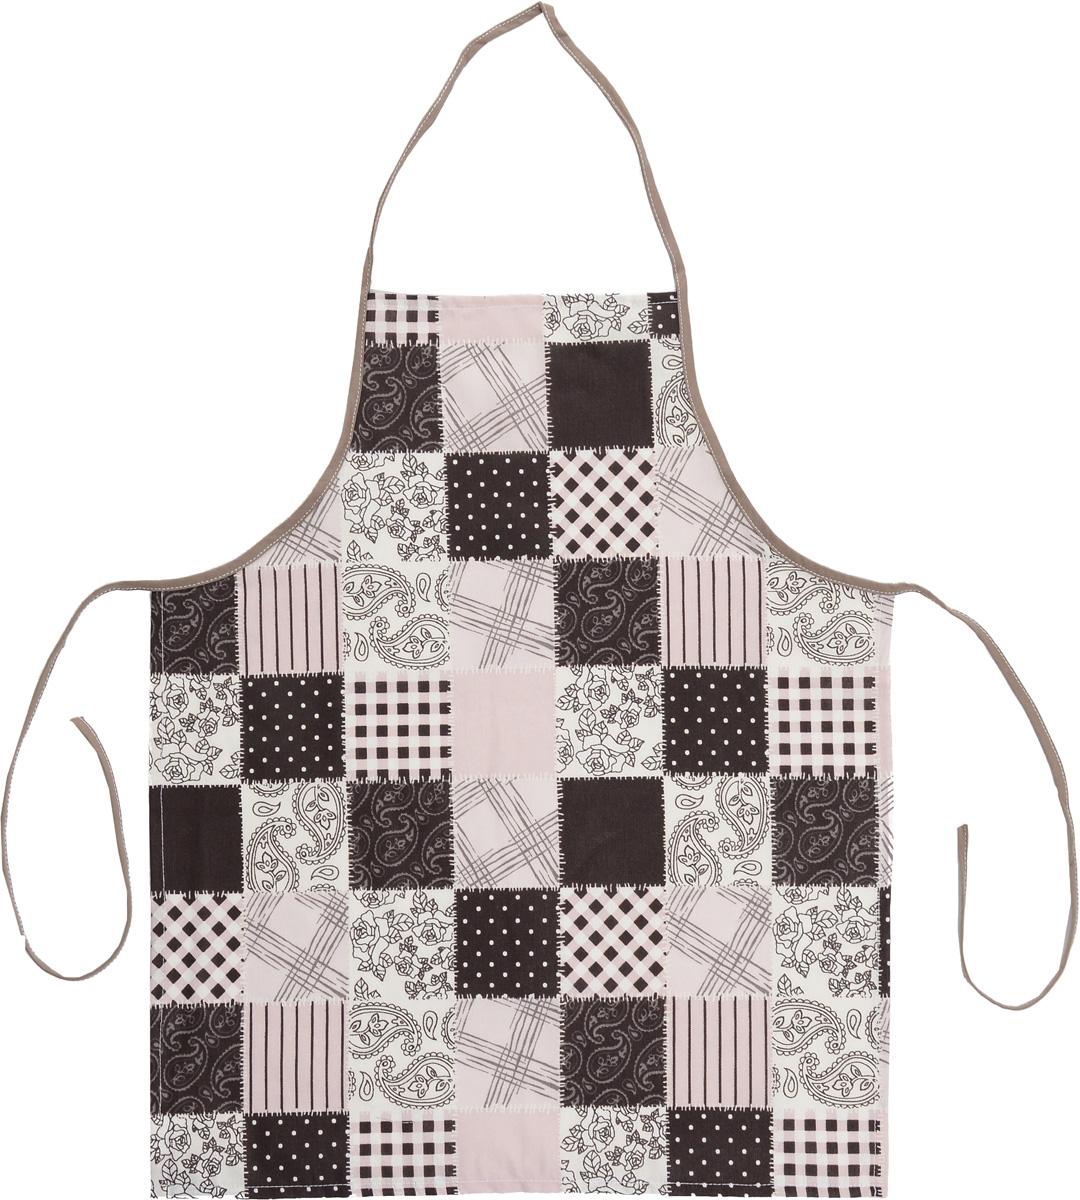 """Фартук Bonita """"Трюфель"""" изготовлен из натурального хлопка с  покрытием, которое отталкивает грязь, воду и масло. Фартук оснащен  завязками. Имеет универсальный размер. Декорирован красивым  узором, который понравится любой хозяйке.  Фартук поможет вам  избежать попадания еды на одежду во время приготовления пищи.   Кухня - это сердце дома, где вся семья собирается вместе. Она бережно  хранит и поддерживает жизнь домашнего очага, который нас согревает.  Именно поэтому так важно создать здесь атмосферу, которая не только  возбудит аппетит, но и наполнит жизненной энергией.  С текстилем """"Bonita"""" открывается возможность не только каждый день  дарить кухне новый облик, но и создавать настоящие кулинарные  шедевры. """"Bonita"""" станет незаменимым помощником и идейным  вдохновителем, создающим вкусное настроение на вашей кухне."""